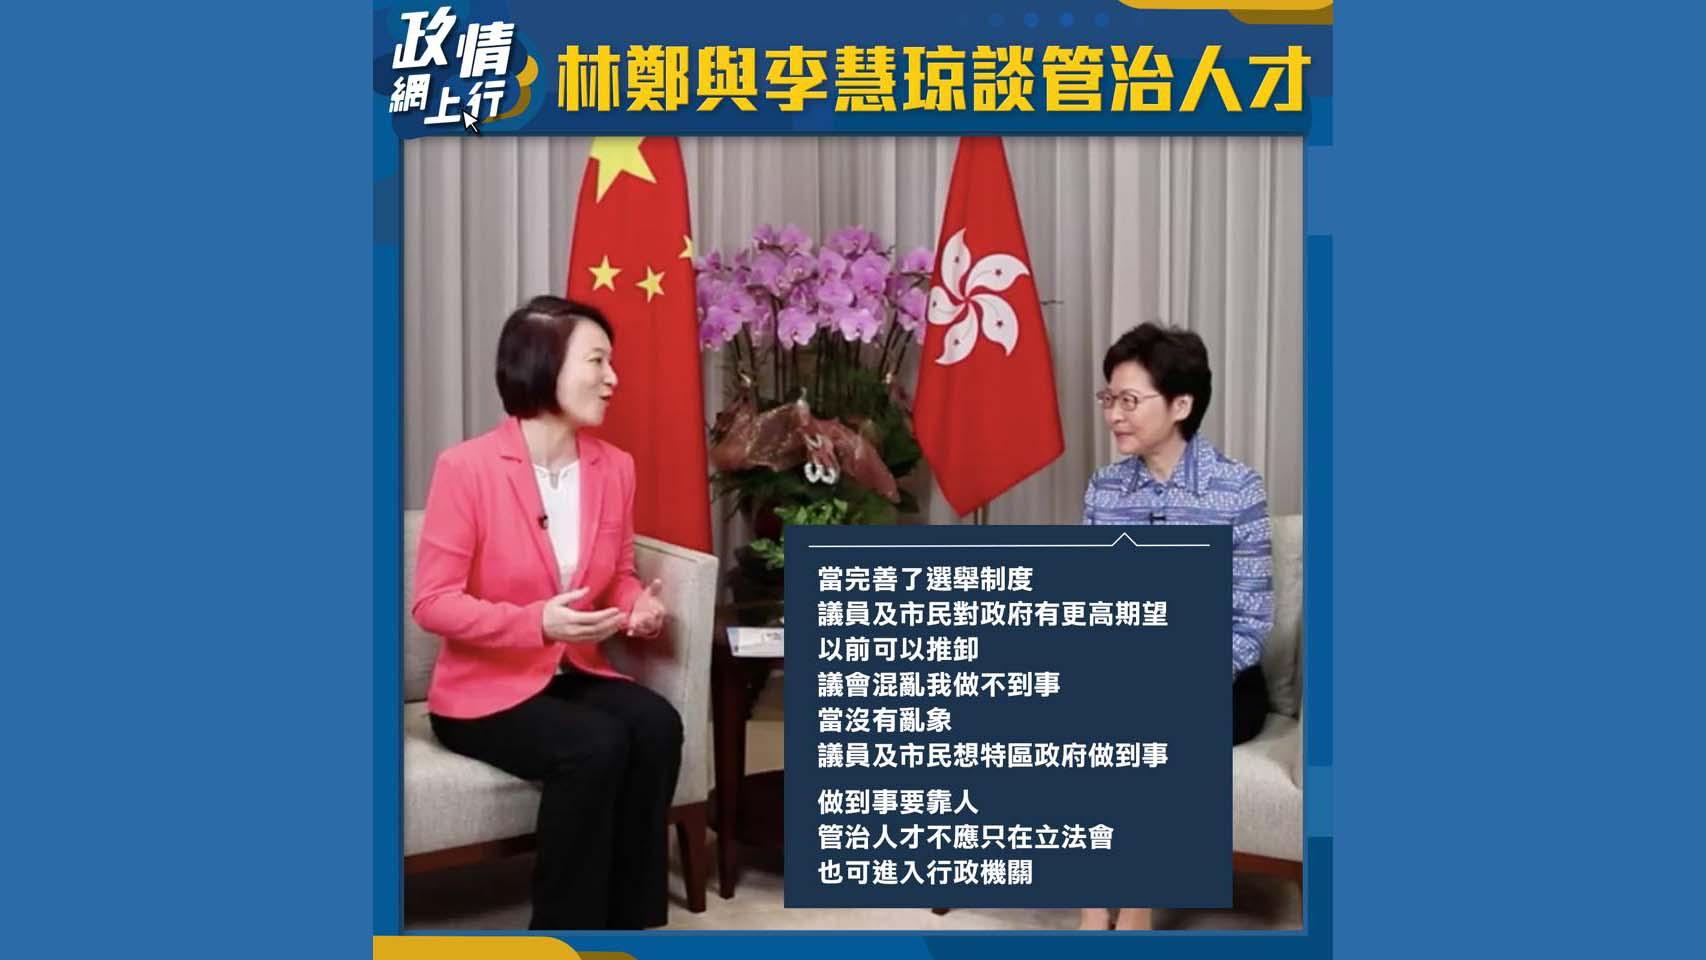 【政情網上行】林鄭與李慧琼談管治人才